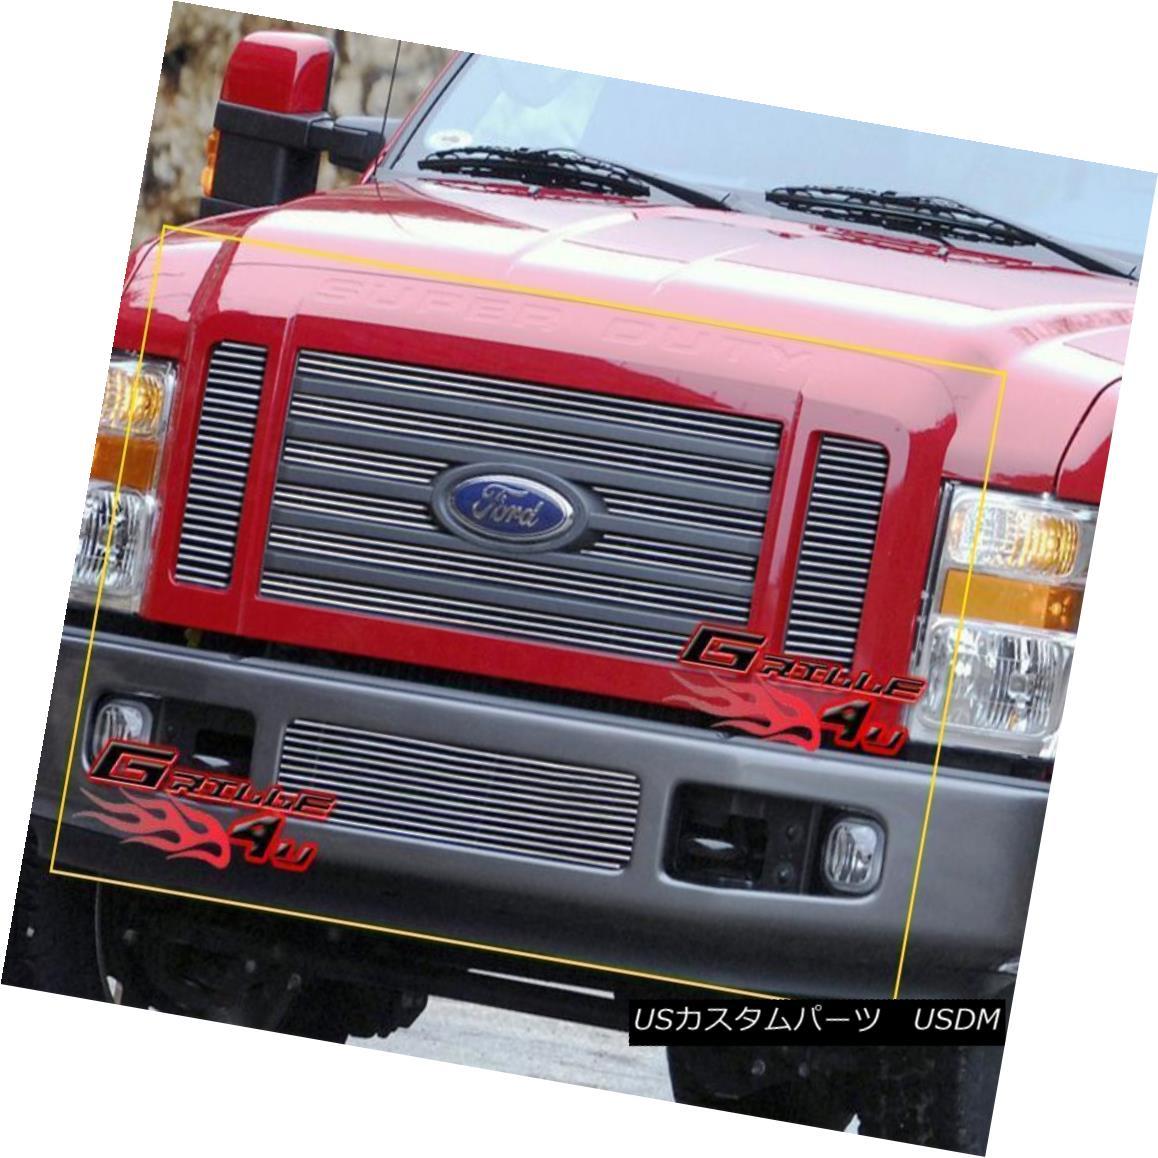 グリル Fits 08-10 Ford F-250/F-350/F-450 SD FX4 Billet Grille Combo フィット08-10フォードF-250 / F-350 / F- 450 SD FX4ビレットグリルコンボ